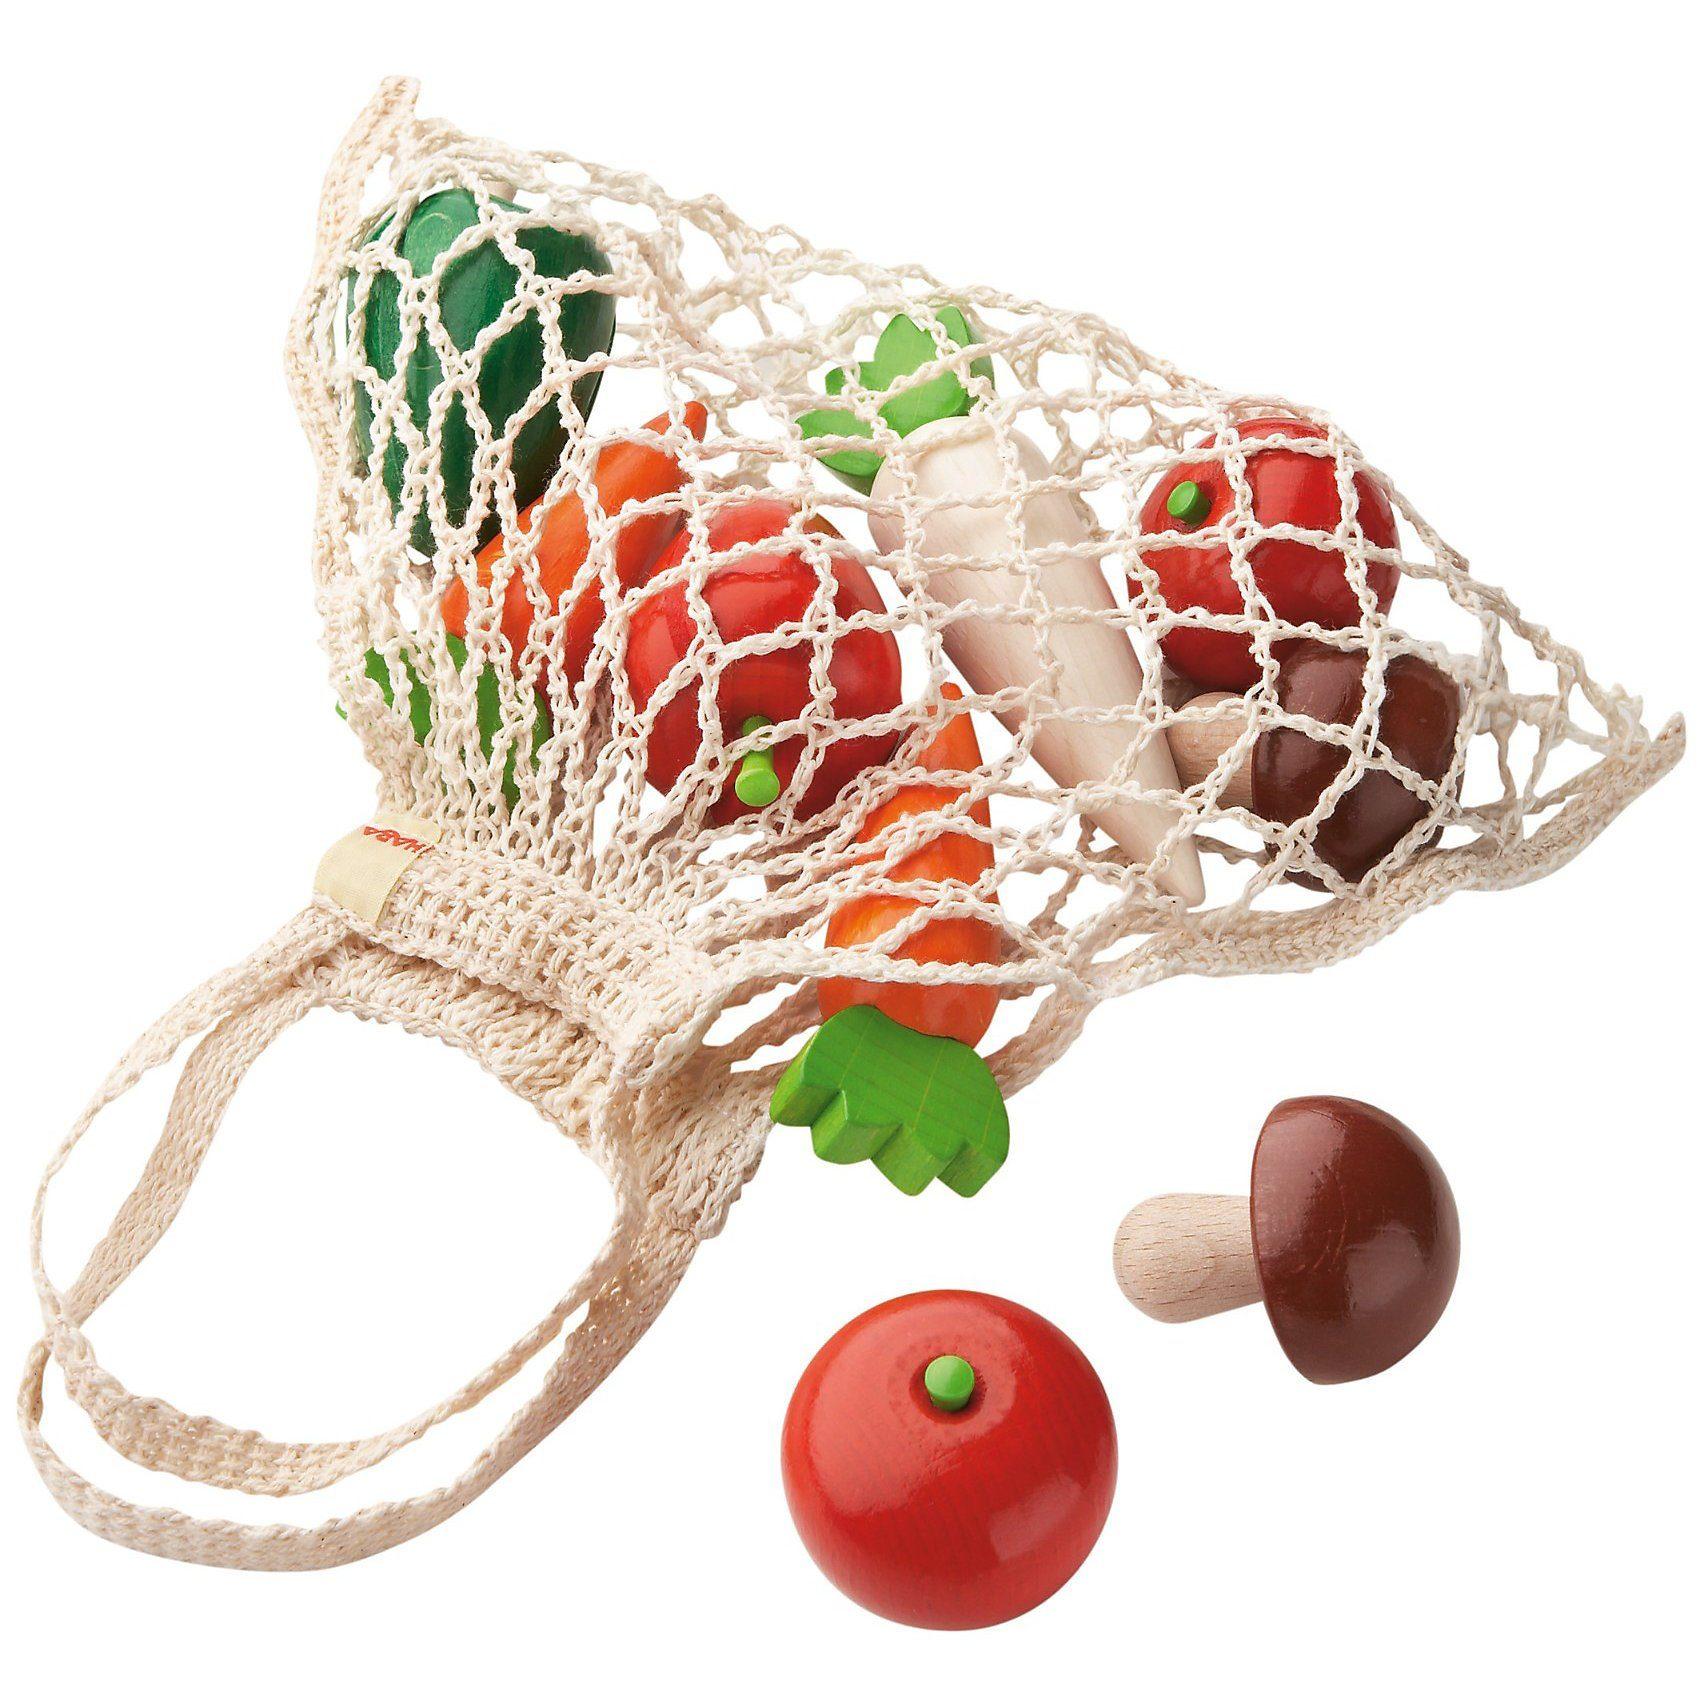 Haba 3841 Einkaufsnetz Gemüse mit Spiellebensmittel